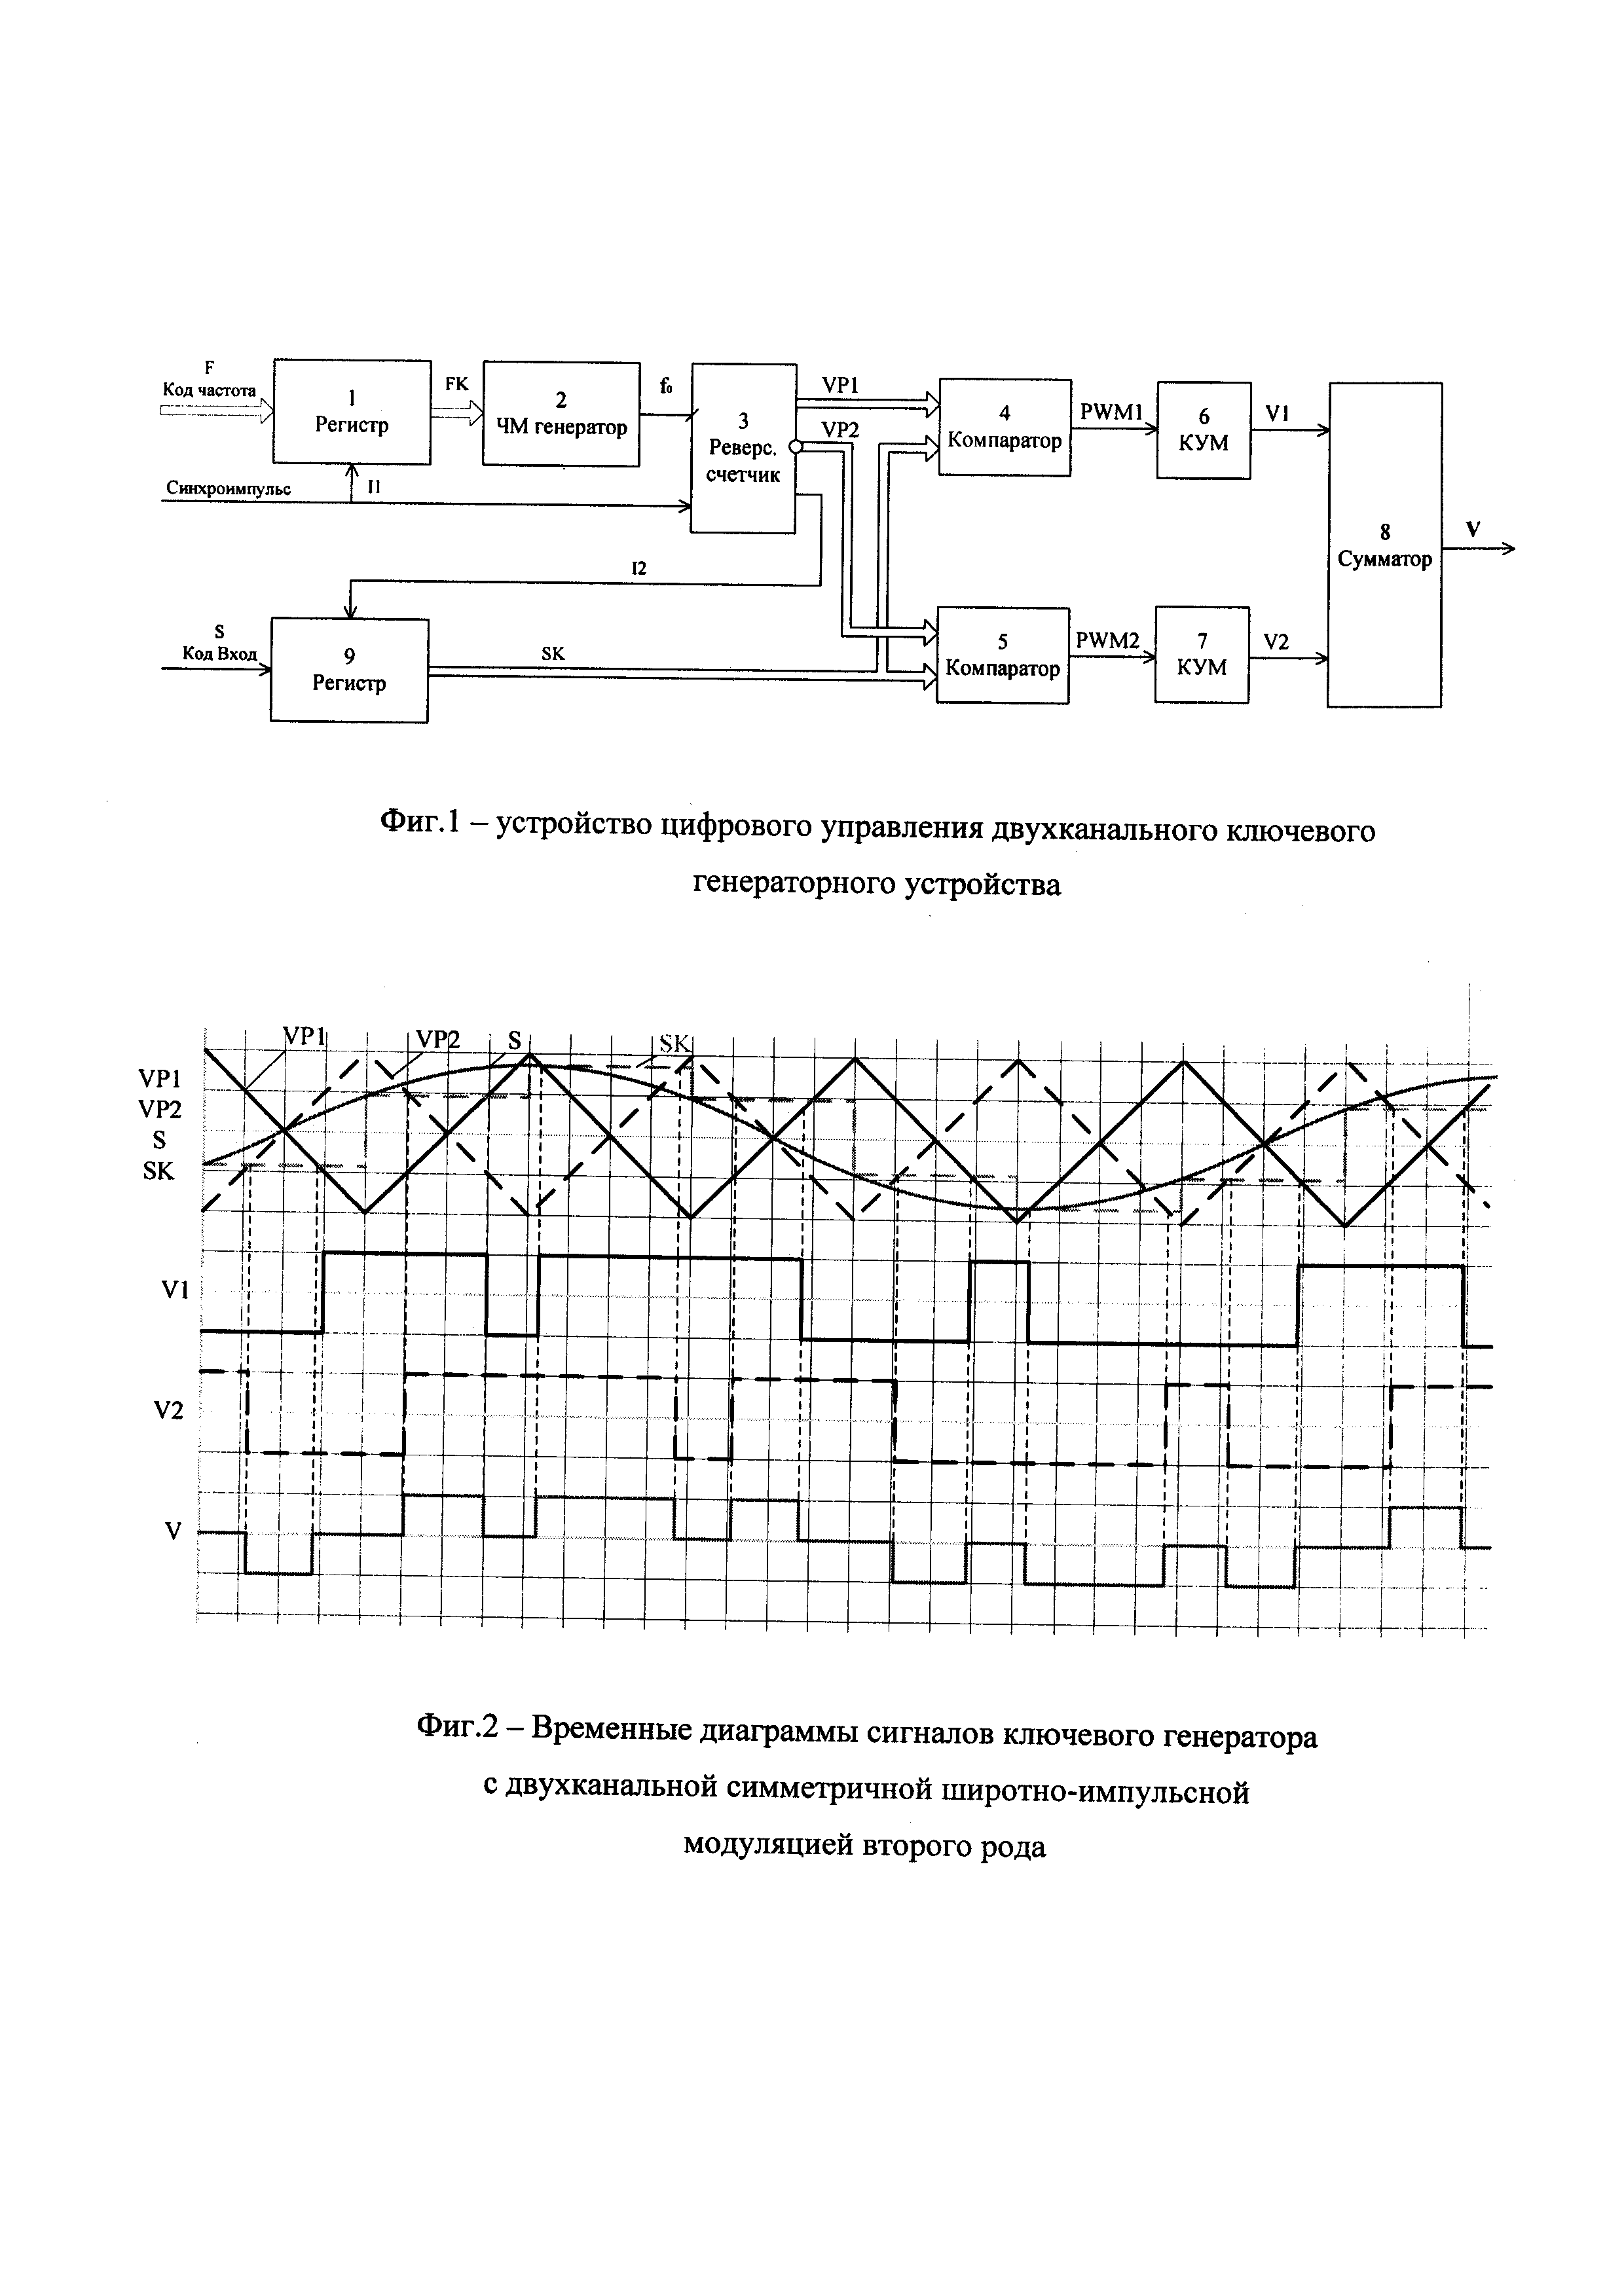 Способ цифрового управления ключевым генераторным устройством ультразвукового диапазона